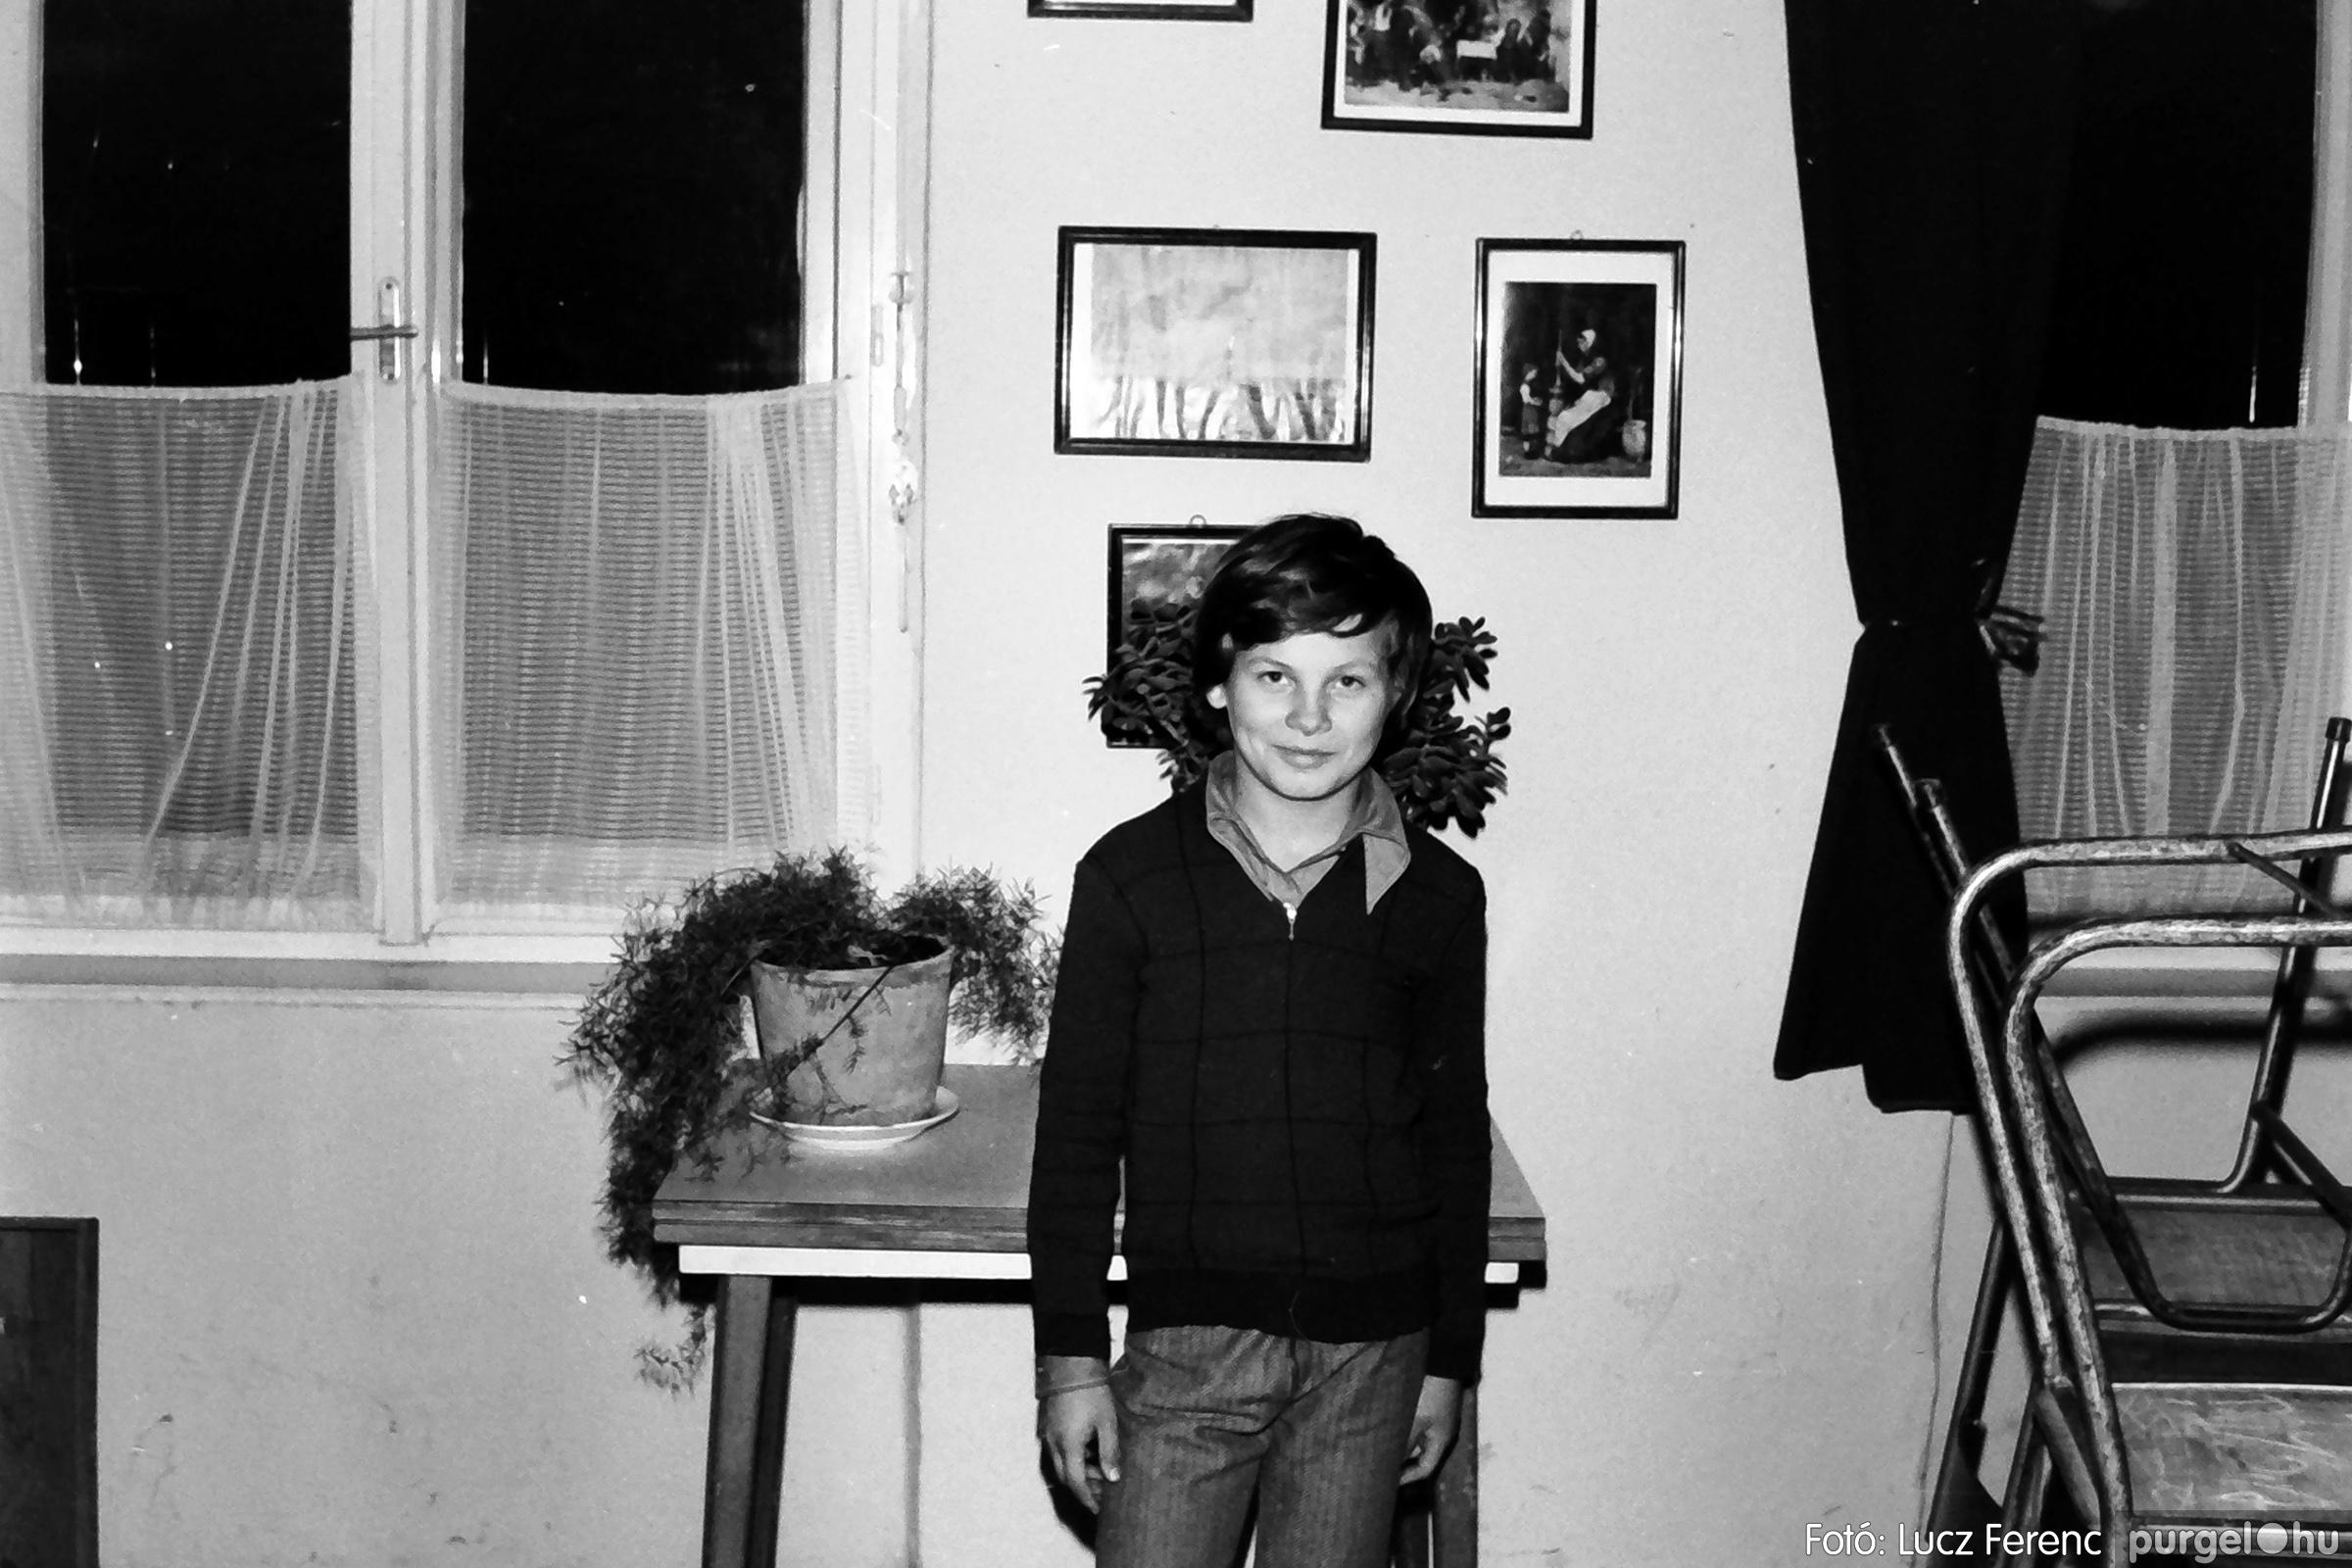 067. 1976. Karácsonyi buli az úttörőszobában 013. - Fotó: Lucz Ferenc.jpg